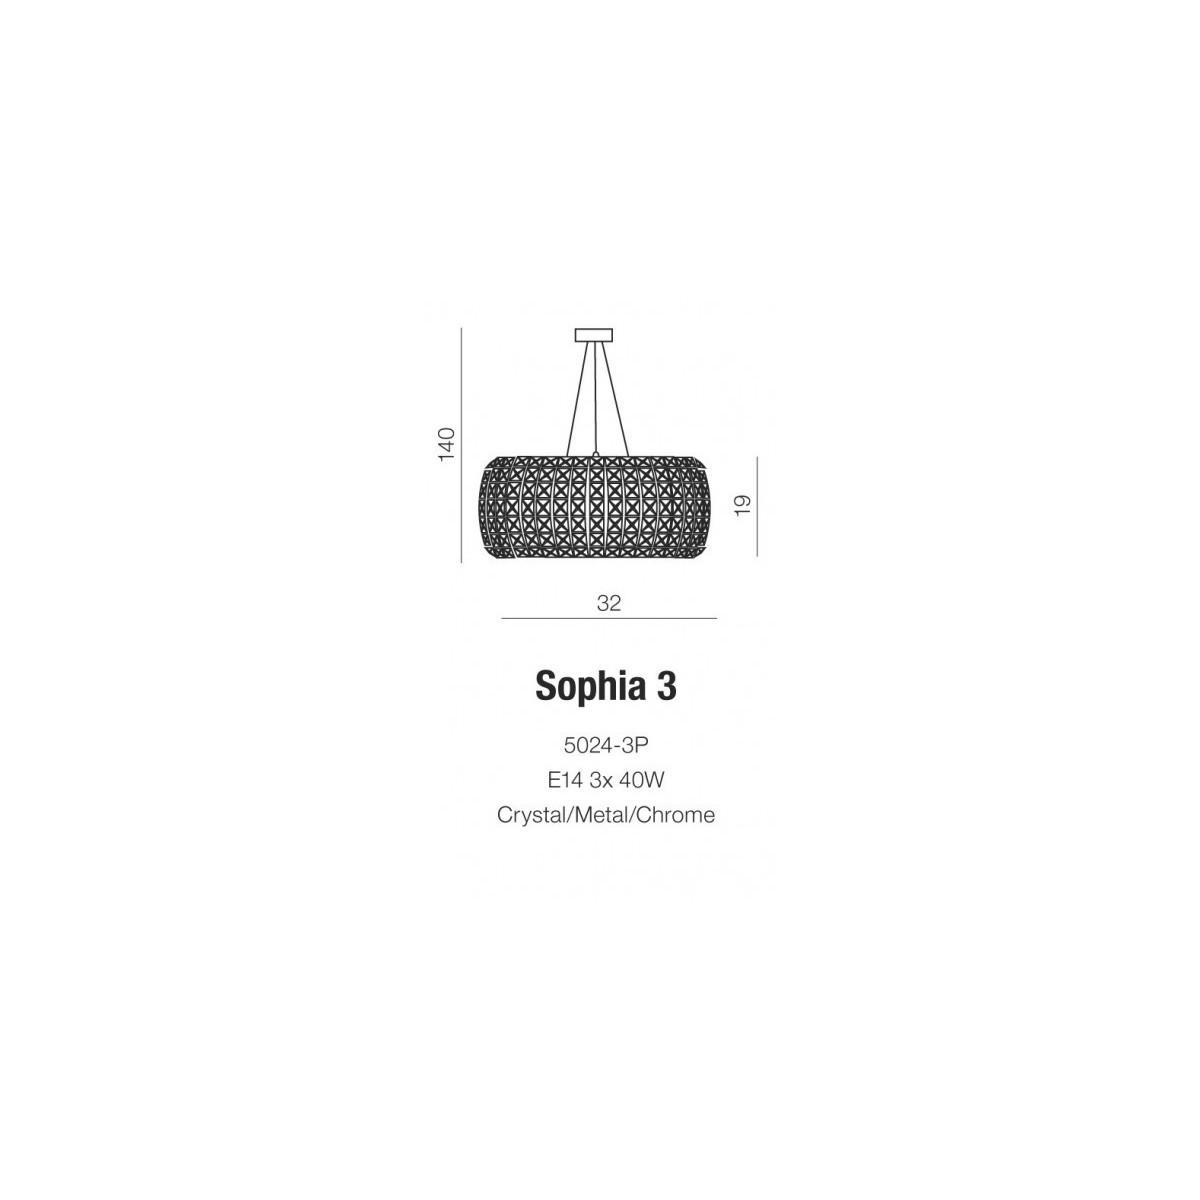 Azzardo SOPHIA 6 6xE14 Wisząca Przeźroczysty/Kryształ AZ0697